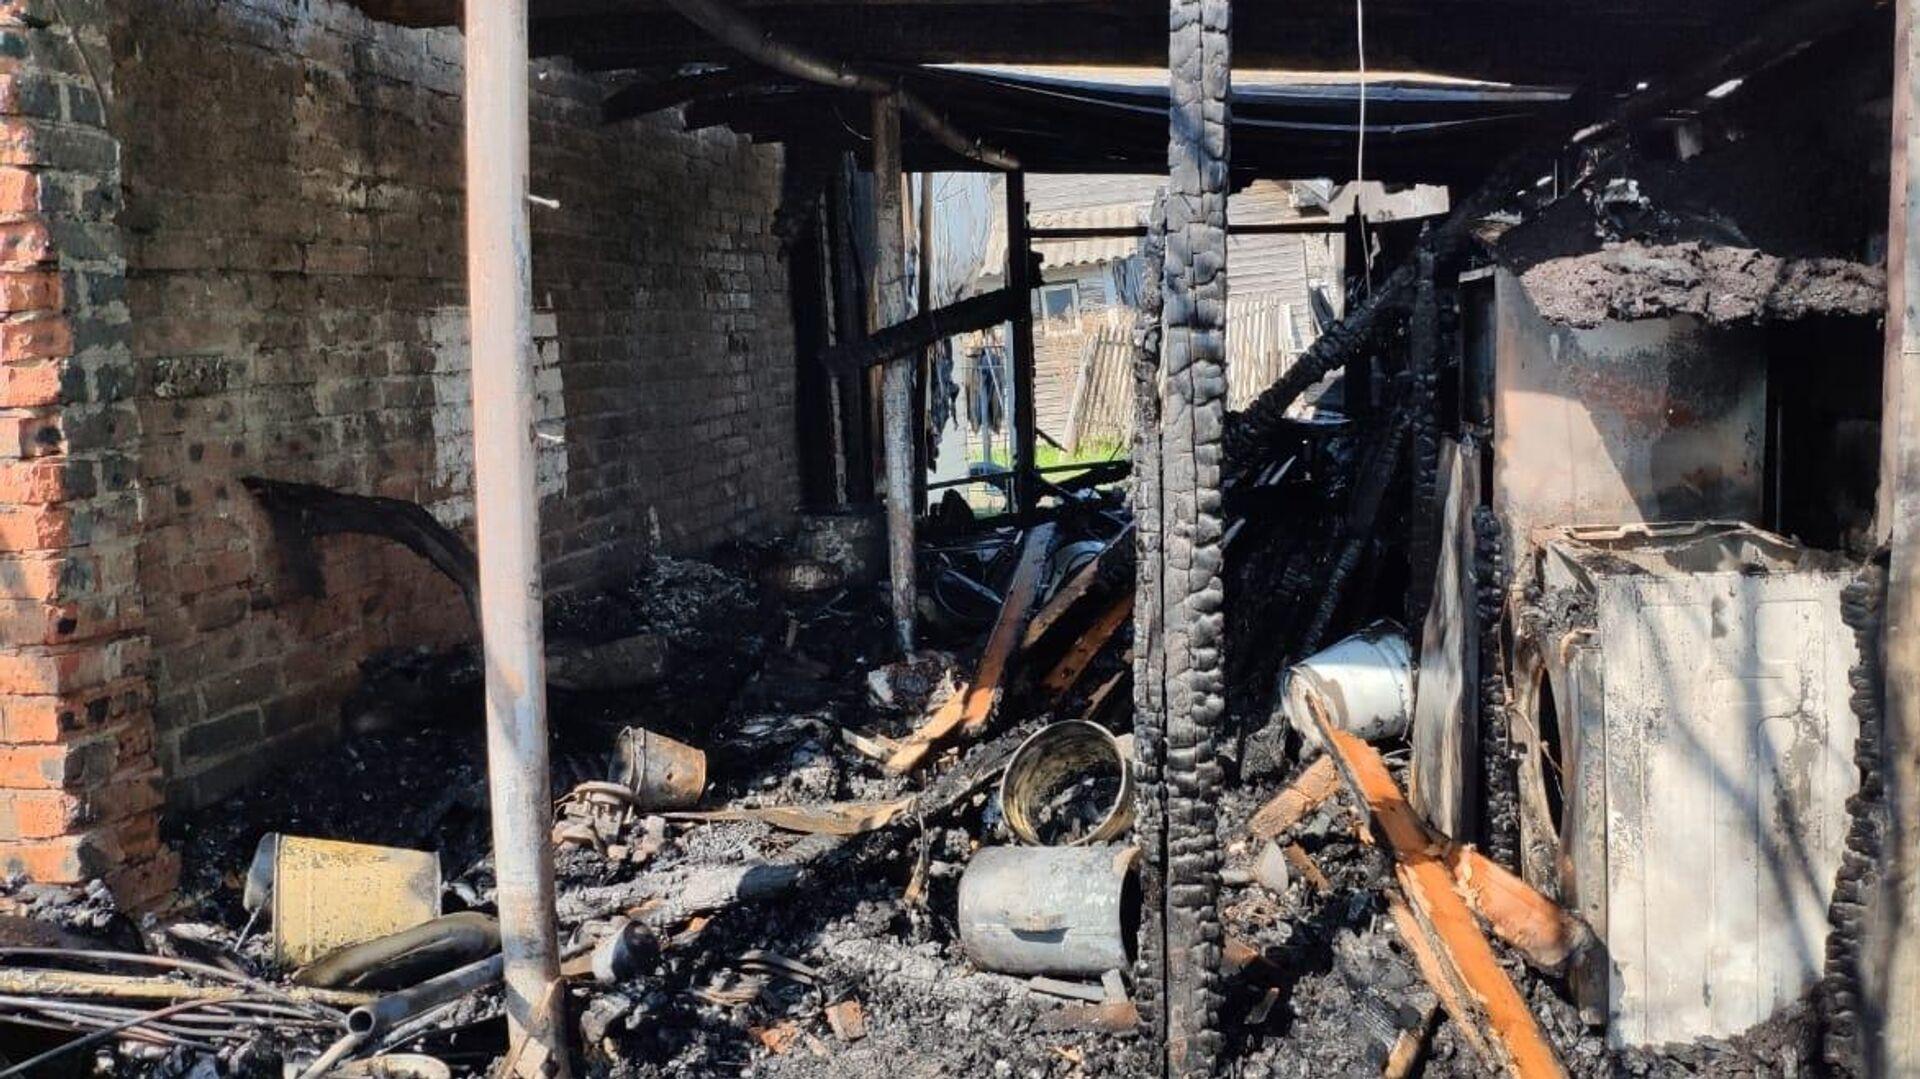 На месте пожара в дачном доме садового товарищества Союз в Сарове  - РИА Новости, 1920, 17.05.2021